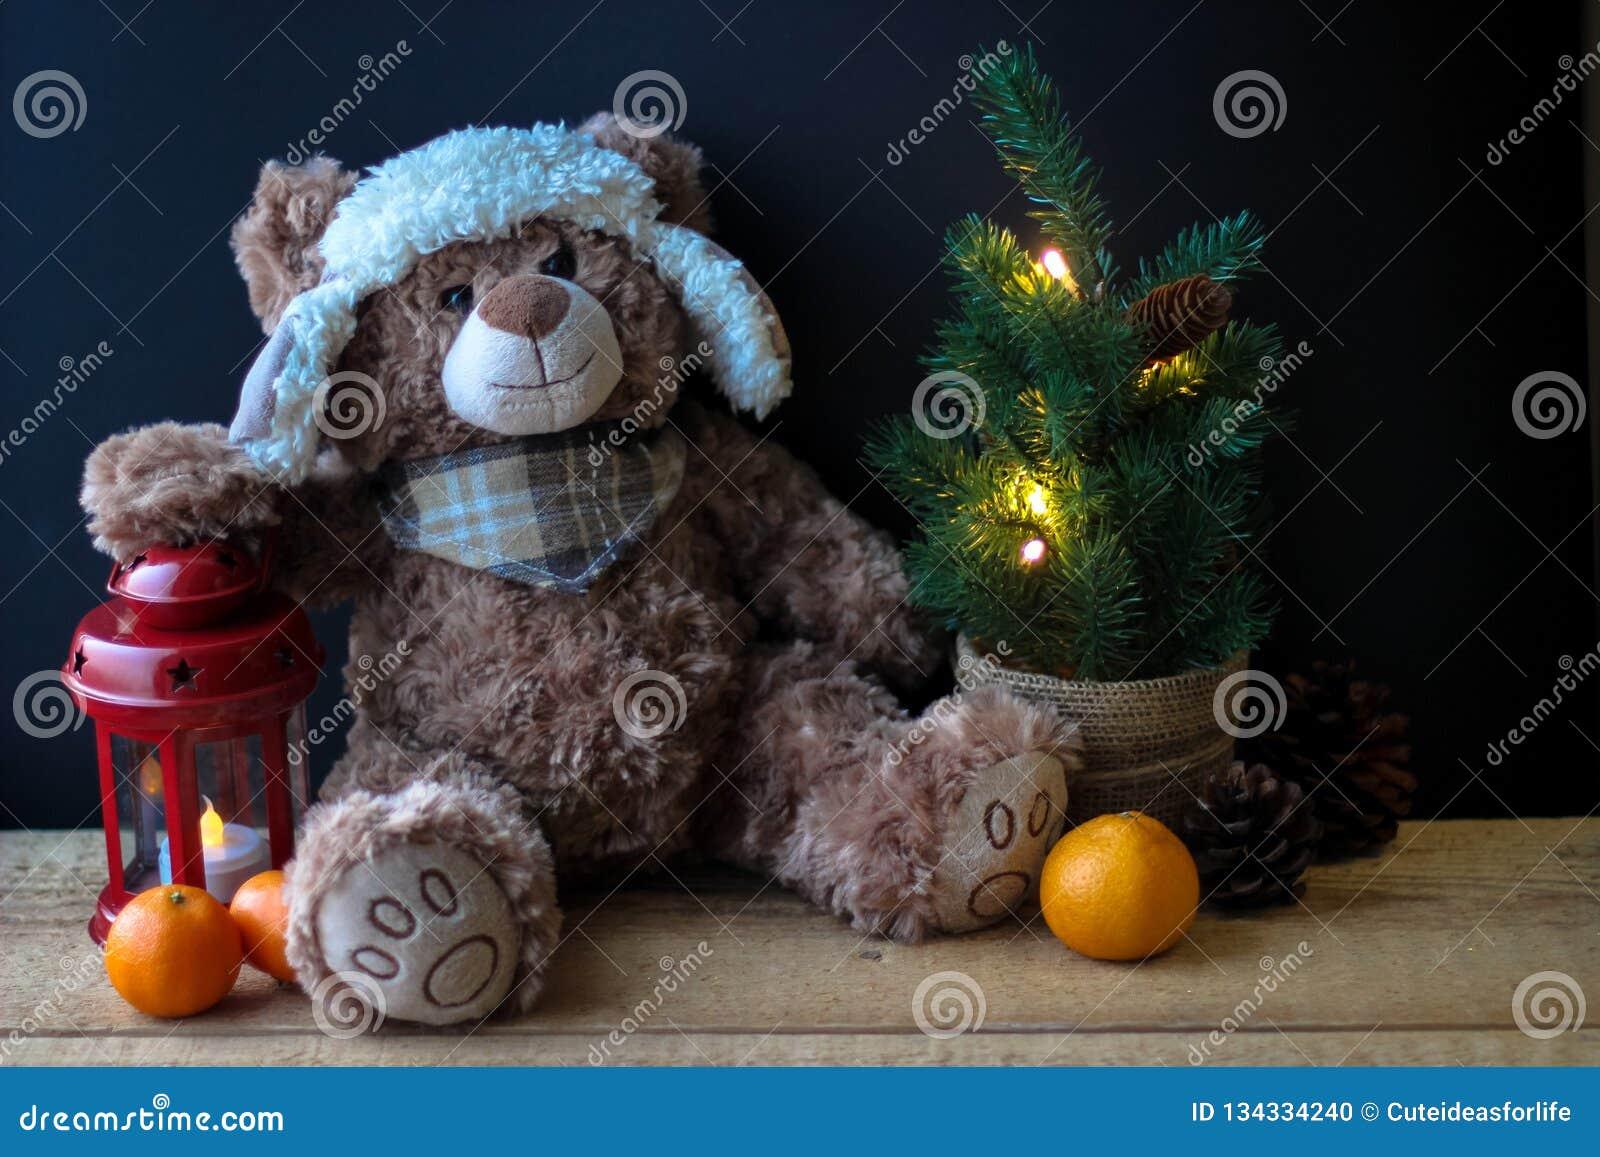 Urso bonito do brinquedo que guarda uma pata em uma lanterna vermelha em um fundo preto No quadro, você pode ver uma árvore de Na